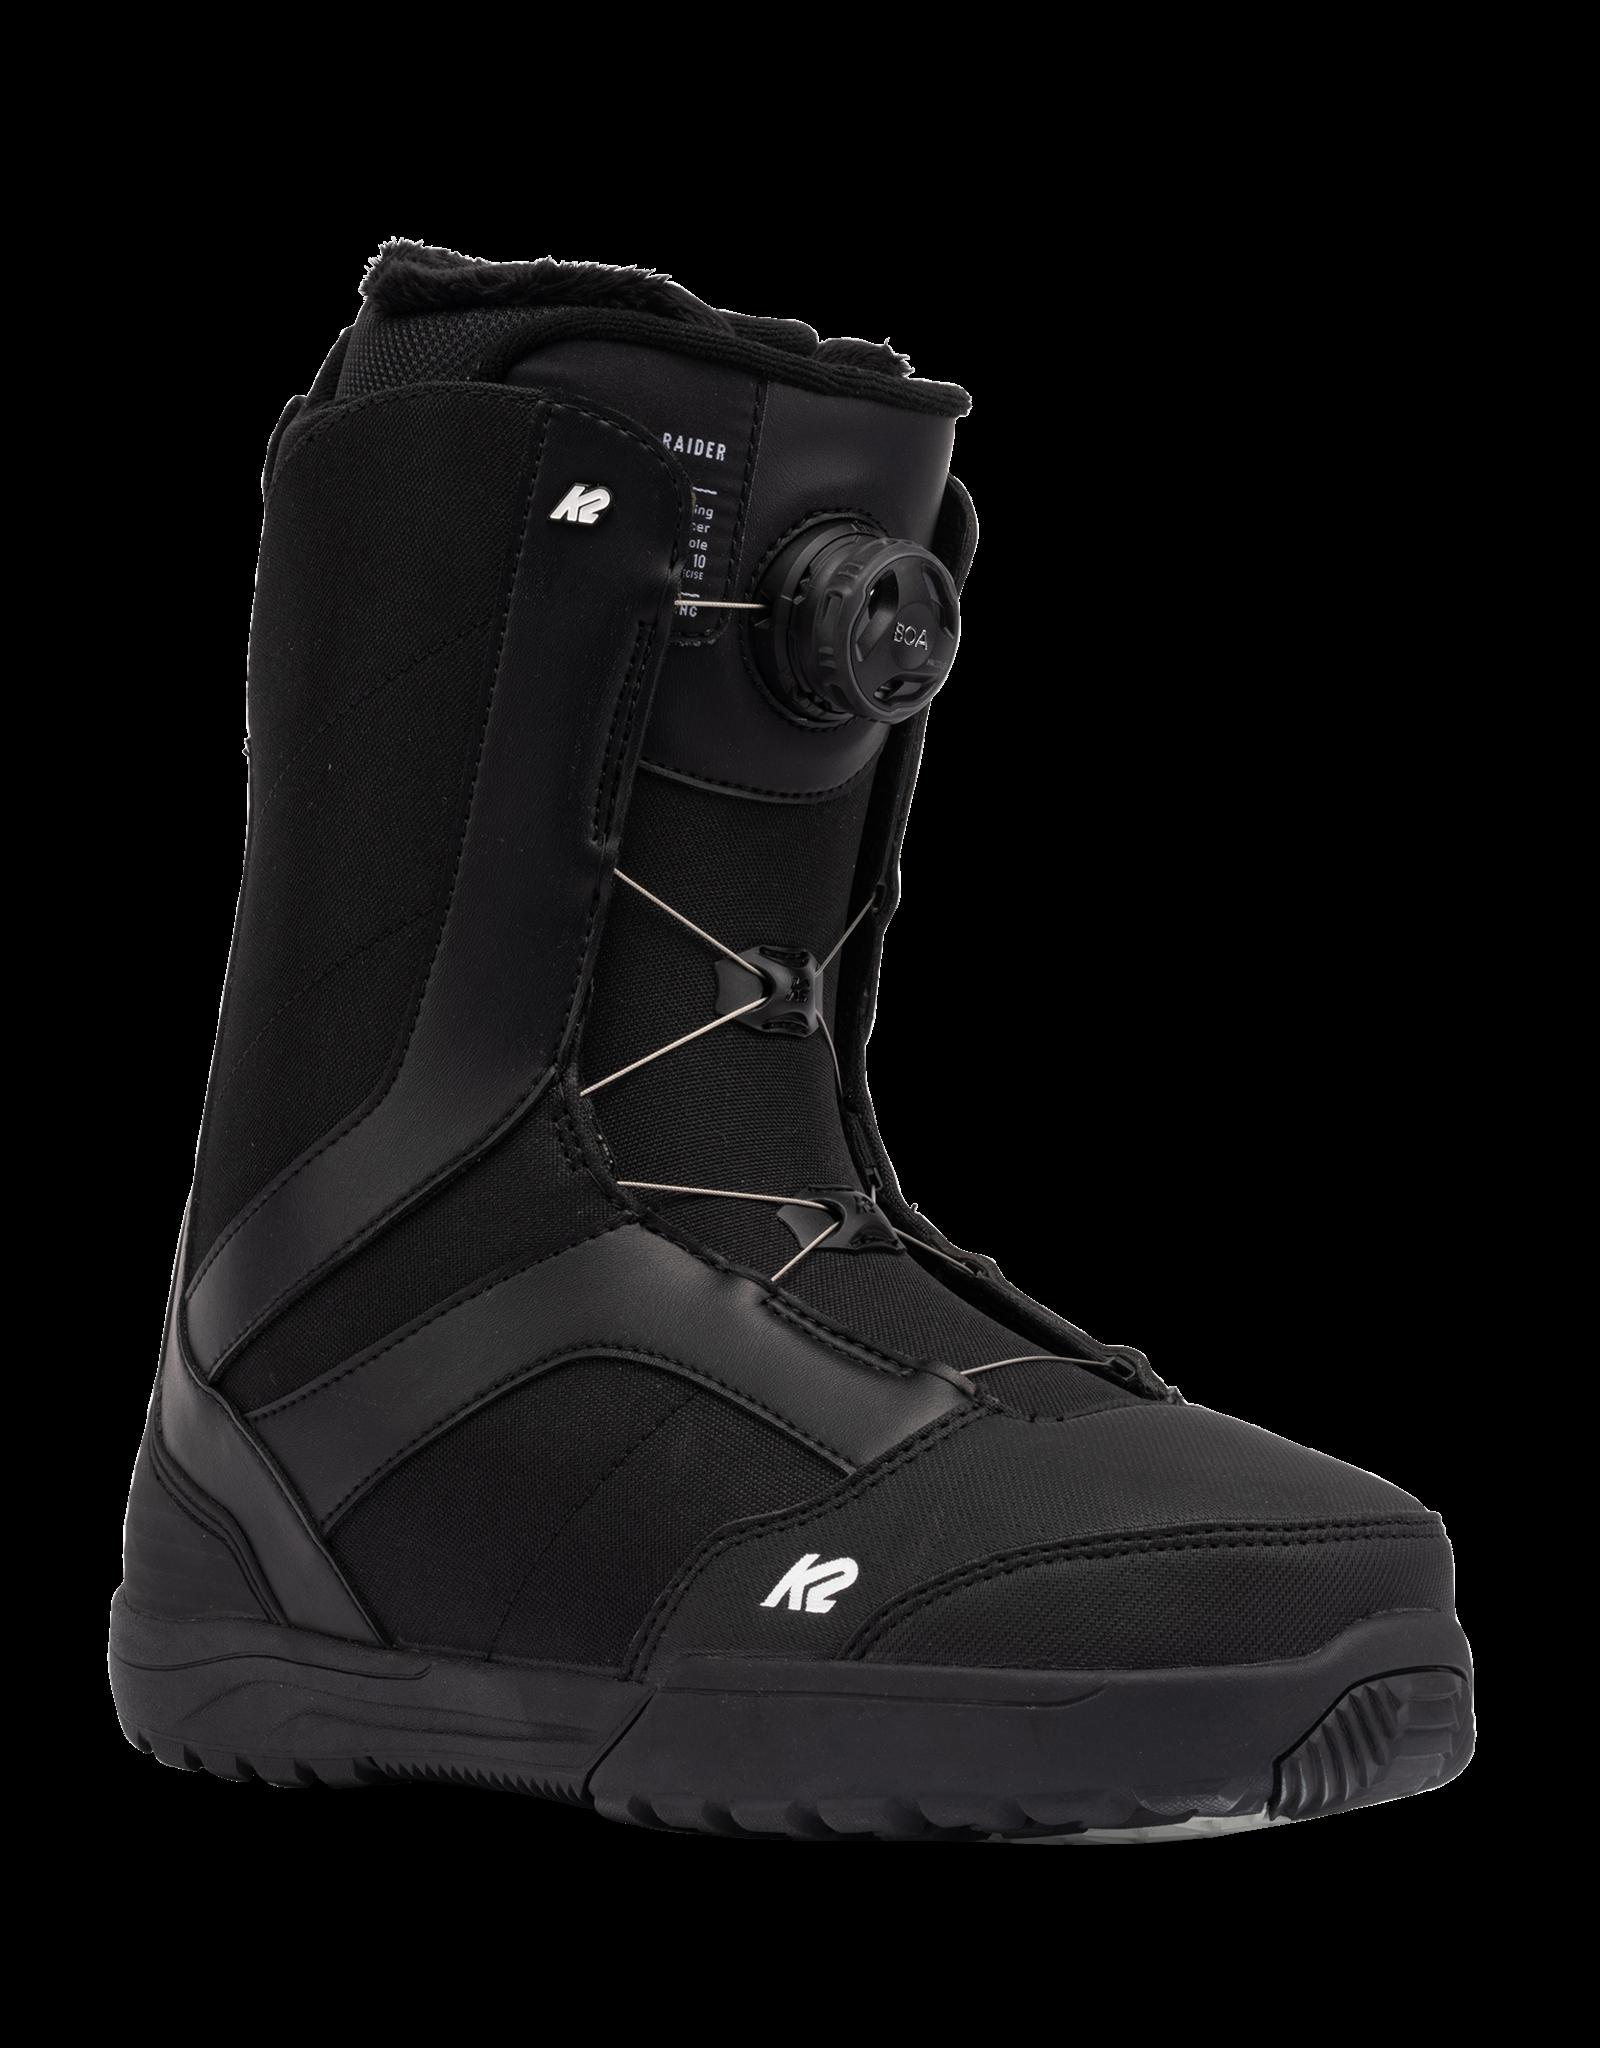 K2 RAIDER BLACK 2021/22